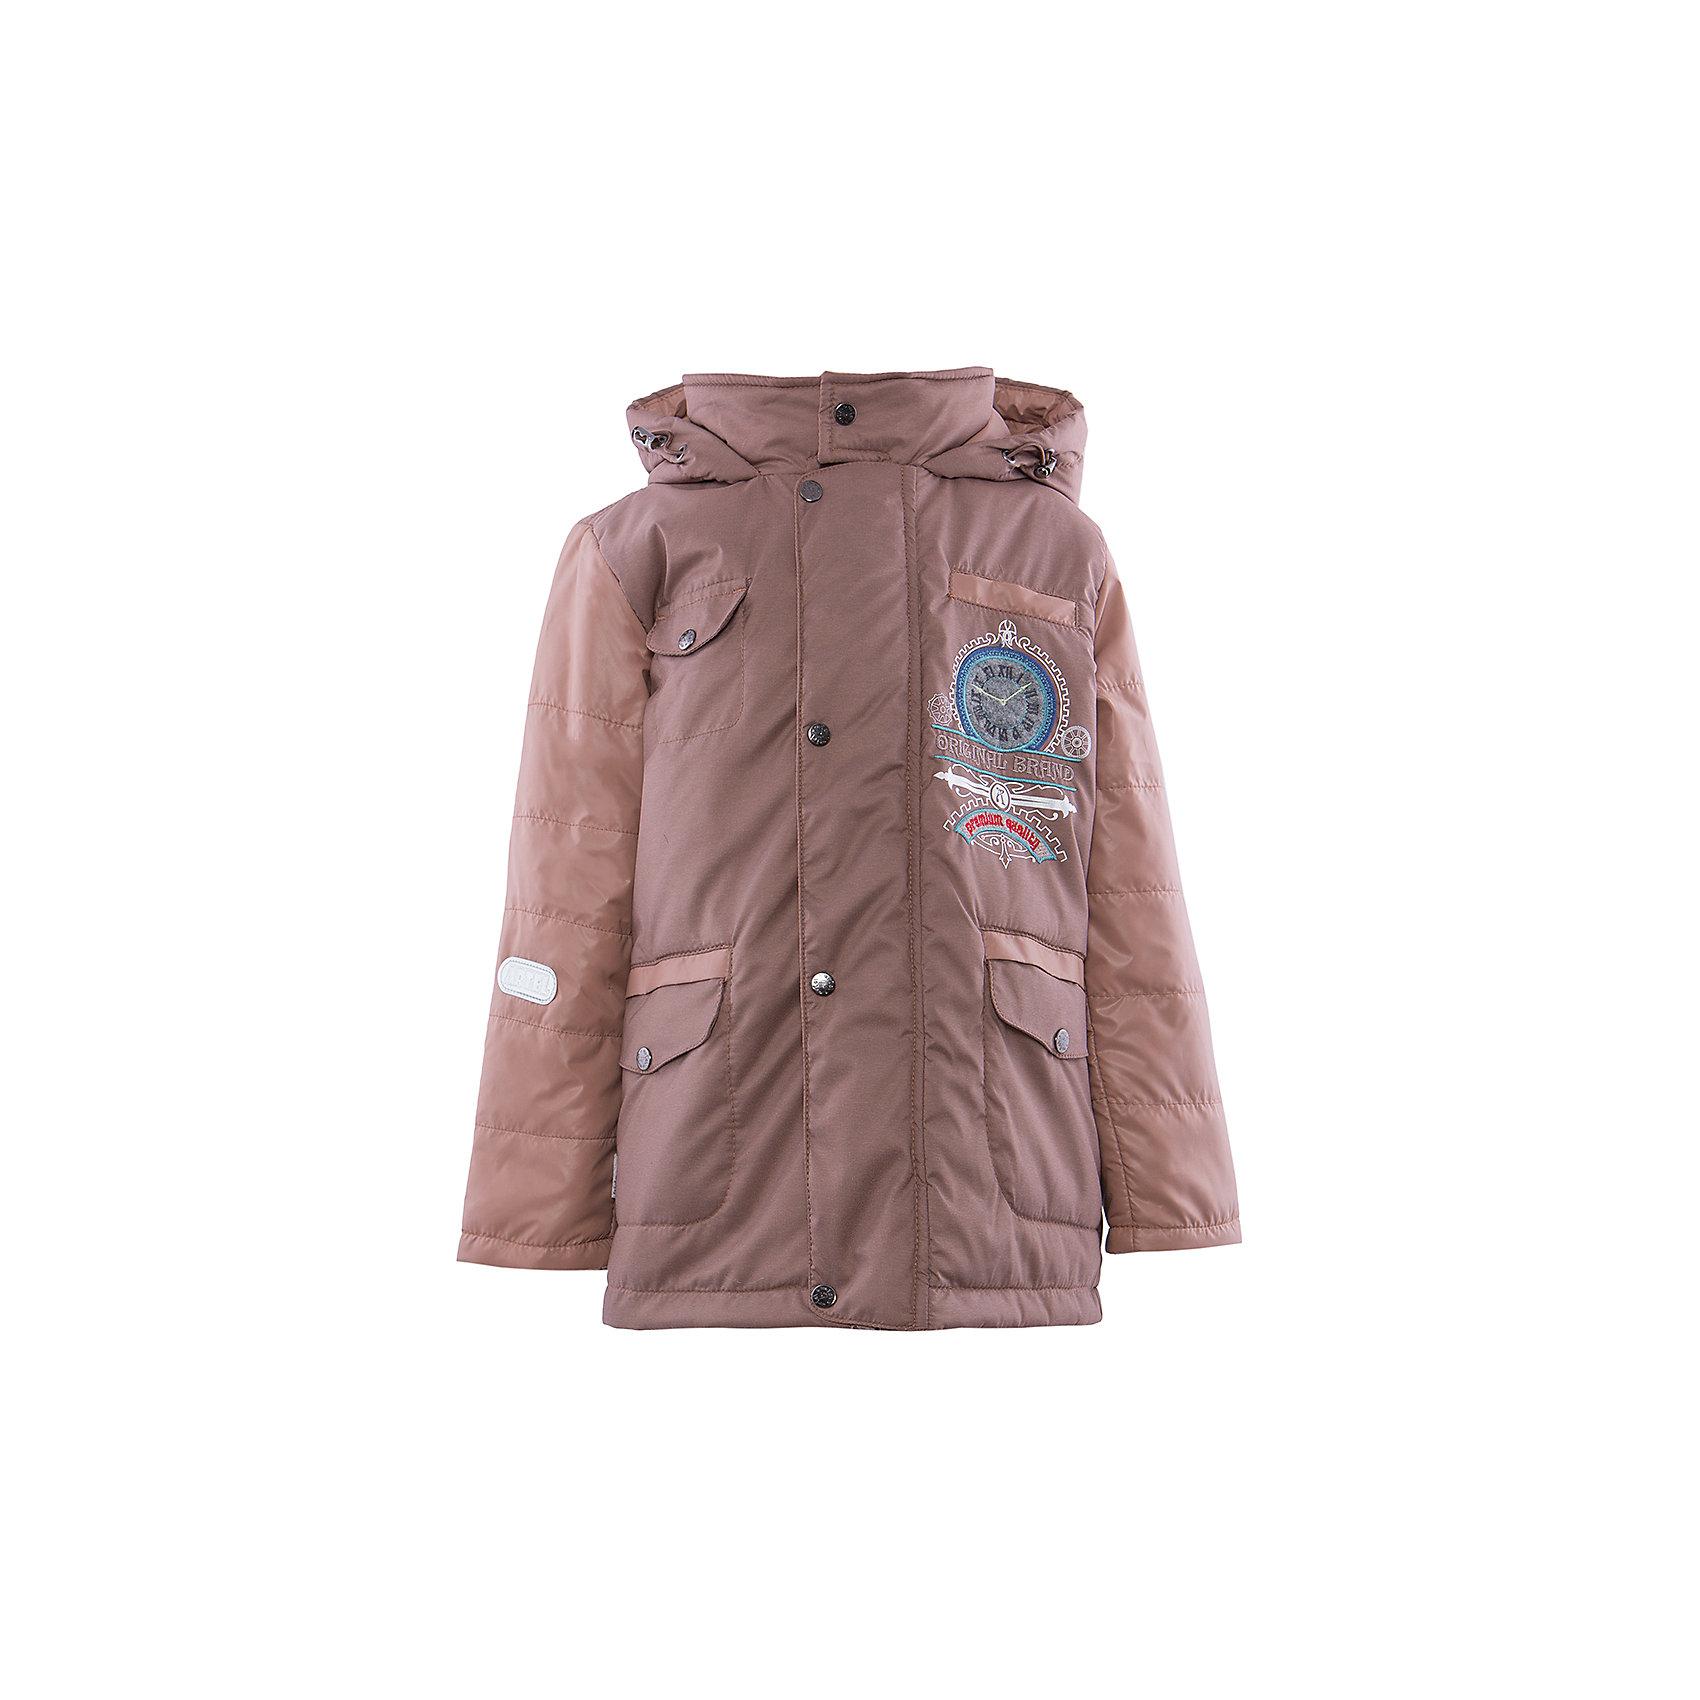 Куртка для мальчика АртельКуртка для мальчика от торговой марки Артель &#13;<br>&#13;<br>Утепленная куртка позволит ребенку чувствовать себя комфортно даже в холодную погоду. Сделана она из качественных материалов, поэтому может прослужить не один сезон. Практичная и удобная вещь.<br>Одежда от бренда Артель – это высокое качество по приемлемой цене и всегда продуманный дизайн. &#13;<br>&#13;<br>Особенности модели: &#13;<br>- цвет - бежевый;&#13;<br>- наличие карманов;&#13;<br>- капюшон;<br>- утеплитель;&#13;<br>- украшена вышивкой;&#13;<br>- застежка-молния под клапаном на кнопках.&#13;<br>&#13;<br>Дополнительная информация:&#13;<br>&#13;<br>Состав: &#13;<br>- верх: FITSYSTEM;<br>- подкладка: тиси;<br>- утеплитель: термофайбер 100 г<br>&#13;<br>Температурный режим: &#13;<br>от - 10 °C до + 10 °C&#13;<br>&#13;<br>Куртка для мальчика Артель (Artel) можно купить в нашем магазине.<br><br>Ширина мм: 356<br>Глубина мм: 10<br>Высота мм: 245<br>Вес г: 519<br>Цвет: бежевый<br>Возраст от месяцев: 48<br>Возраст до месяцев: 60<br>Пол: Мужской<br>Возраст: Детский<br>Размер: 110,122,128,116,104<br>SKU: 4496042